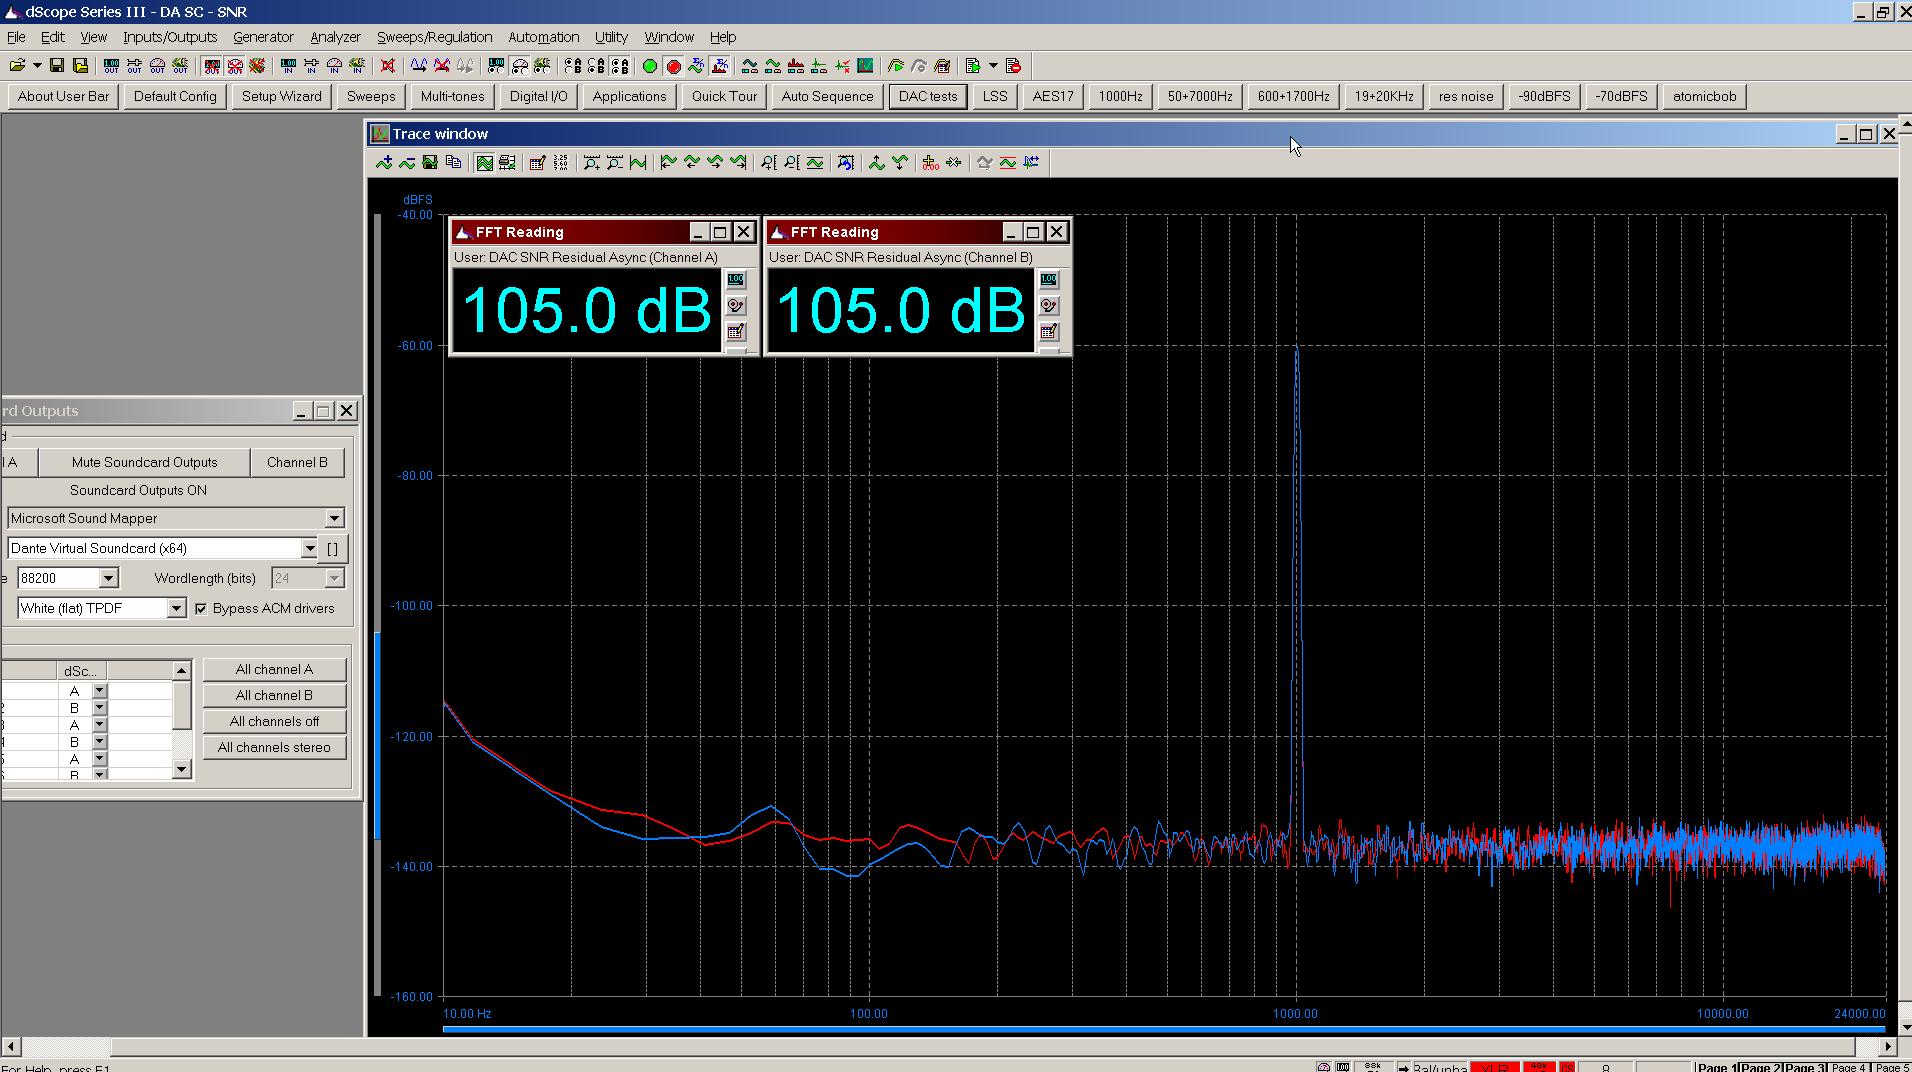 23 20190104-13 Convert-2 Bal A04 dynamic range - AES Dante 88K 0dBu.PNG